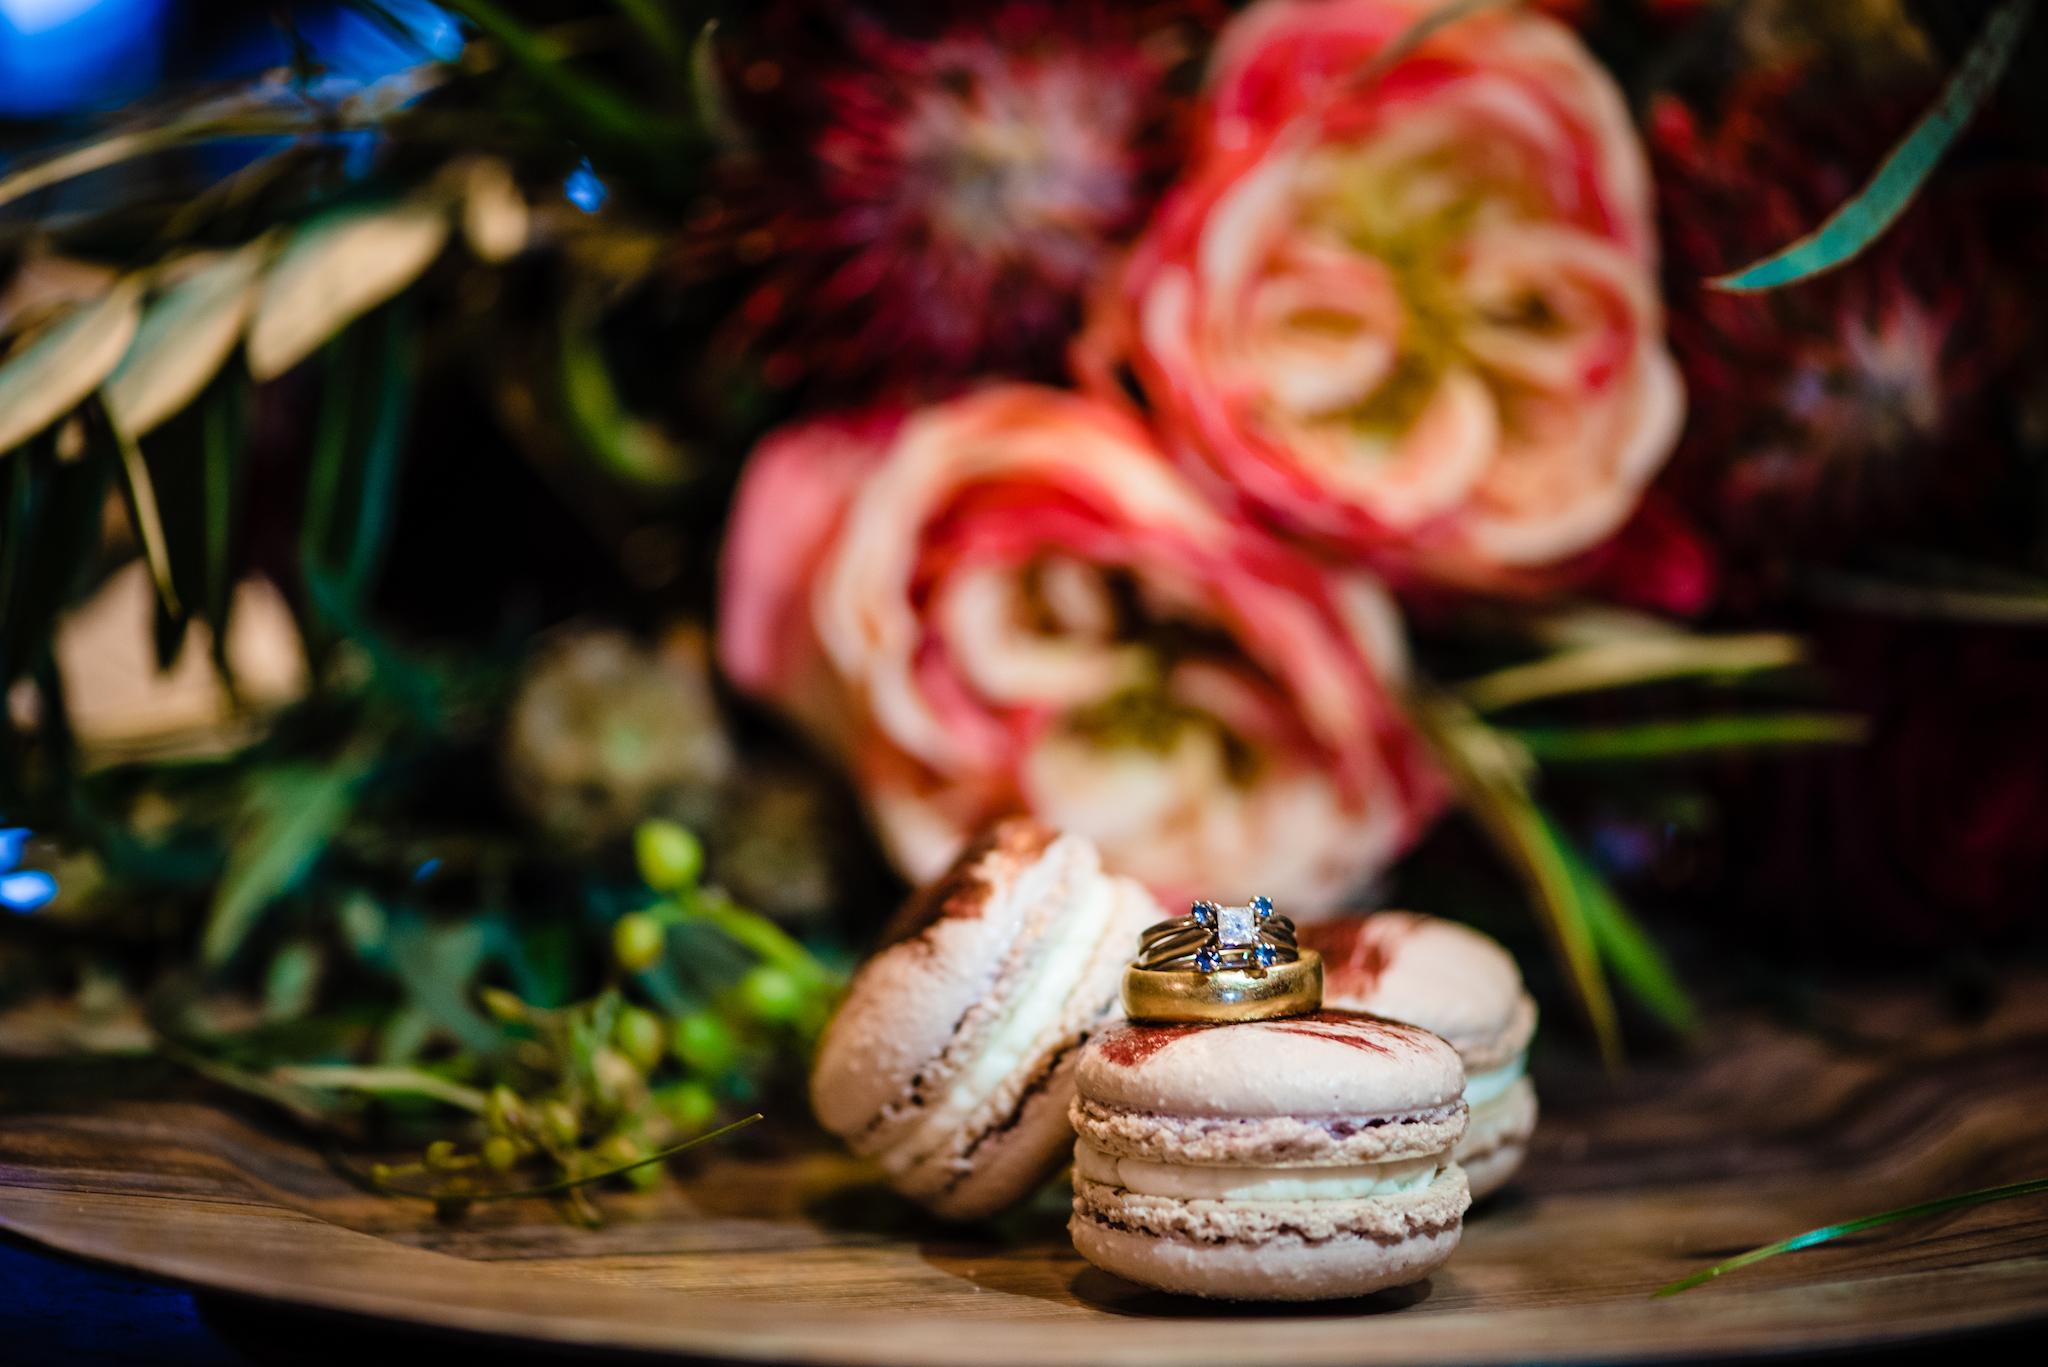 GoingtotheSunChalets_Weddings_LindseyJanePhotography6.jpg